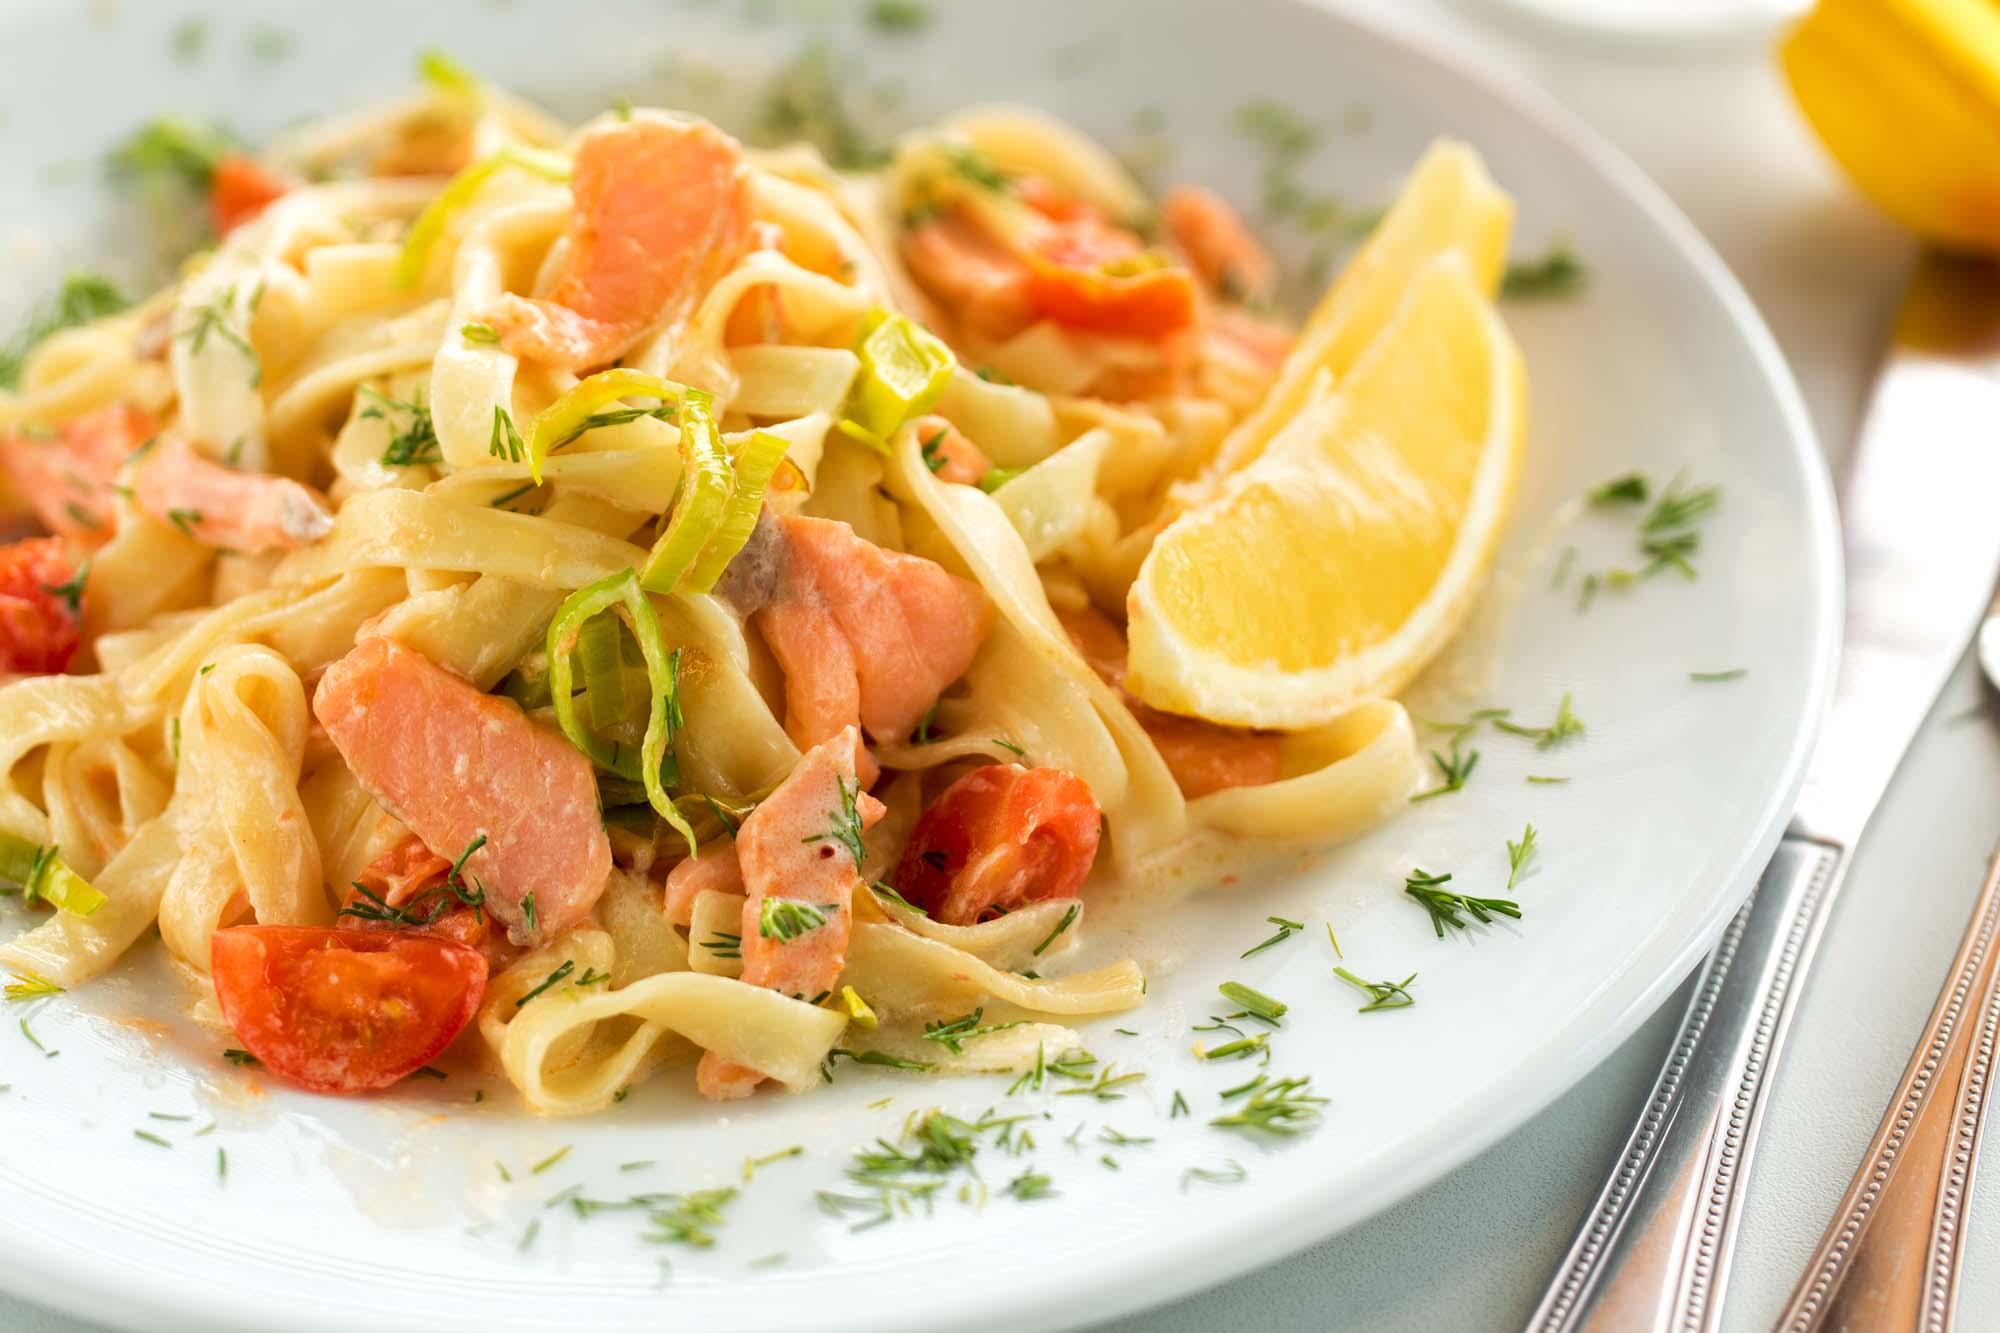 Laks med pasta i flødebisque